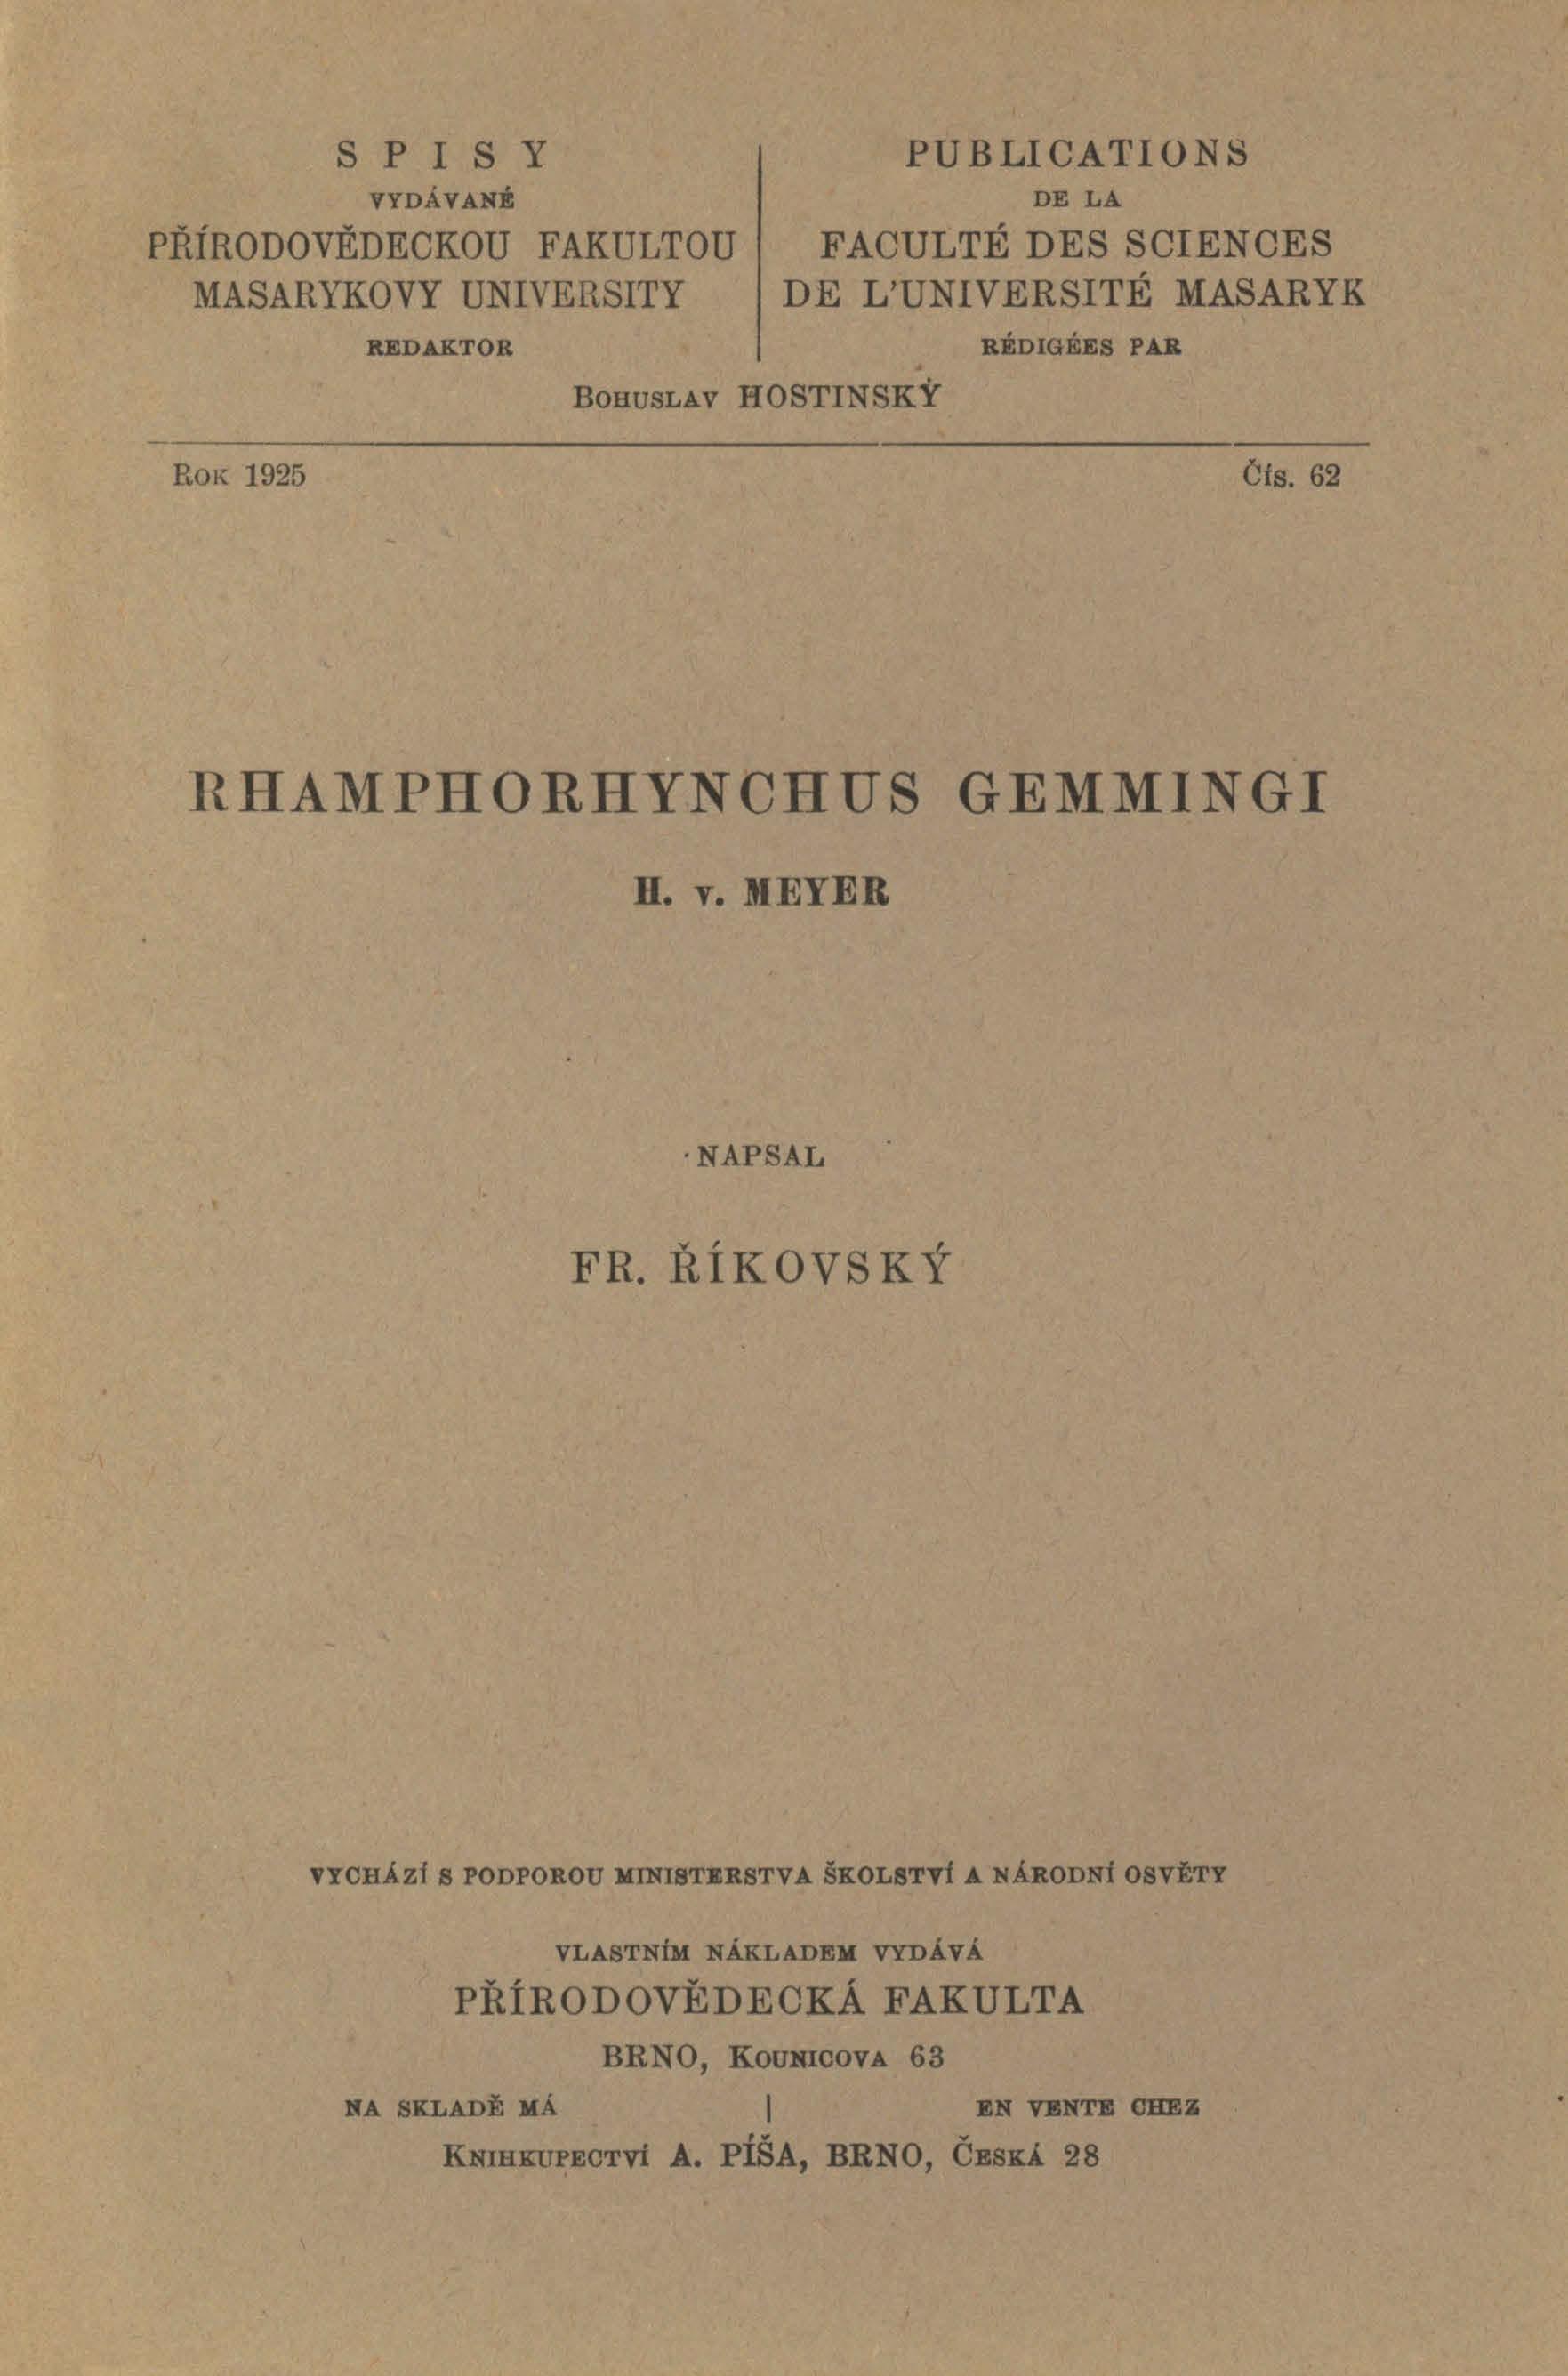 Obálka pro Rhamphorhynchus gemmingi : H. v. Meyer